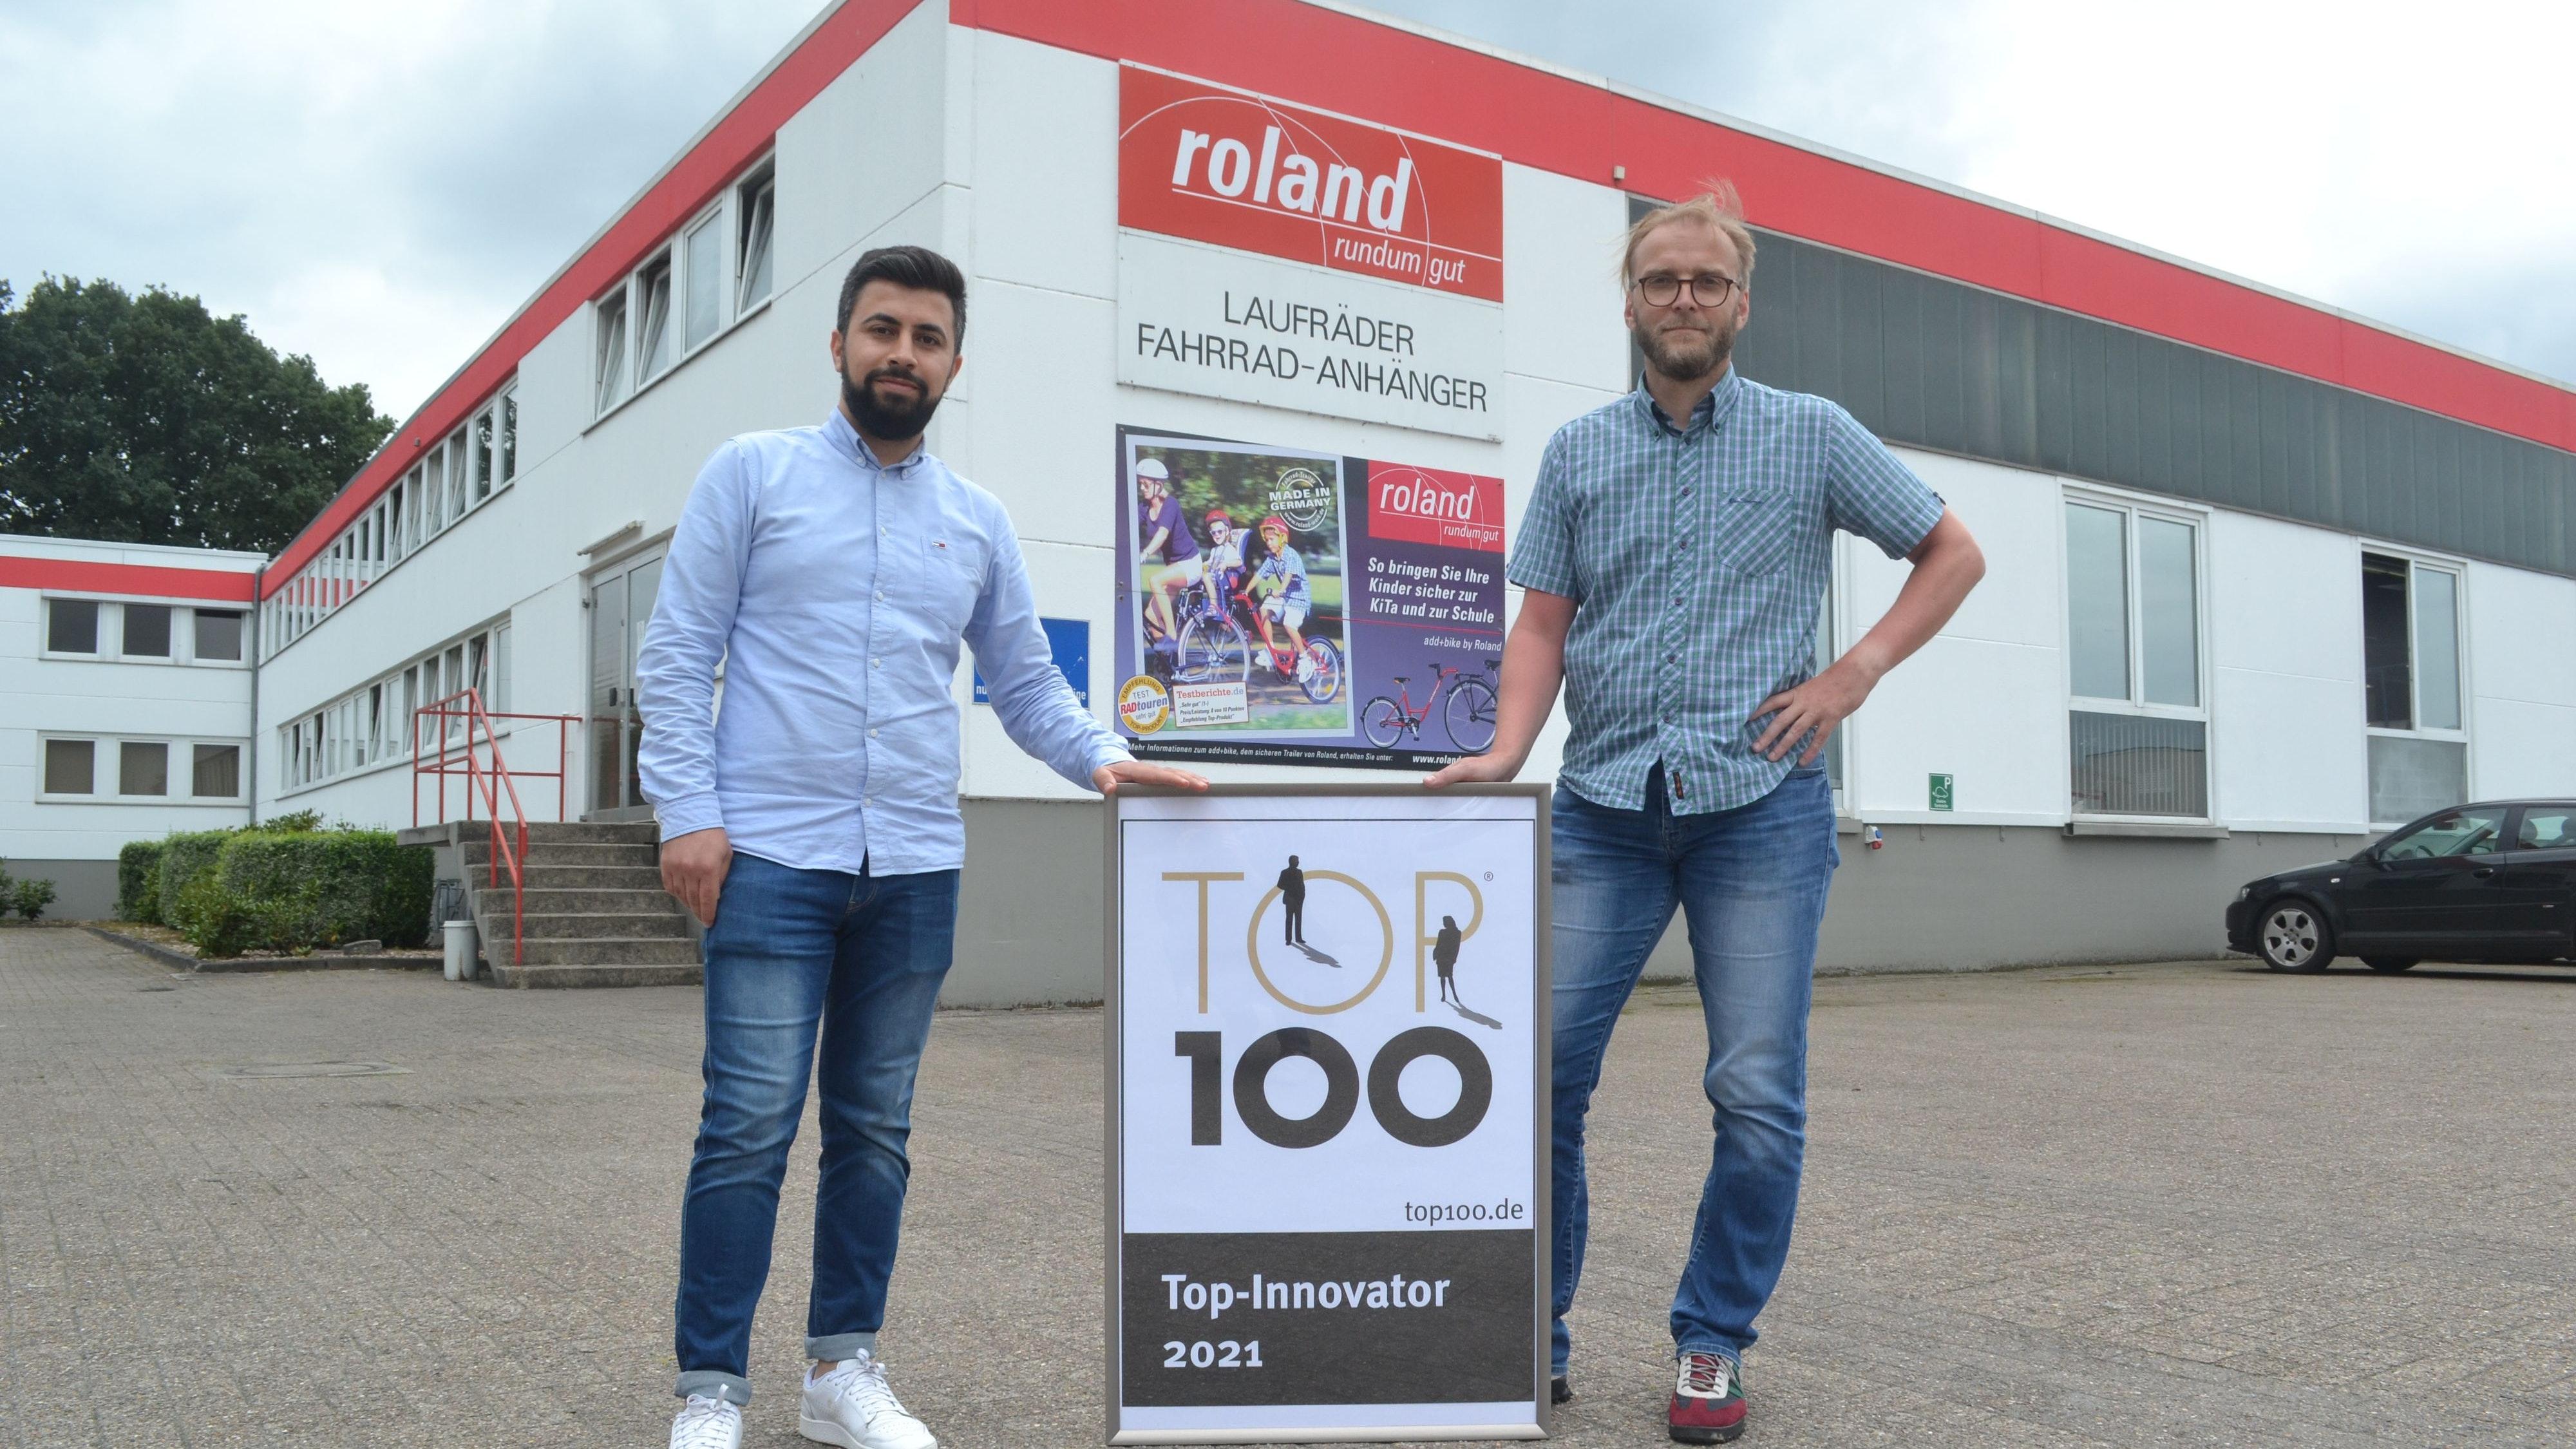 Plakette für Innovationskraft: Unternehmenssprecher Shahab Ibrahim (links) und Geschäftsführer Heiko Plorinn freuen sich über die Auszeichung für die Firma. Foto: Schrimper